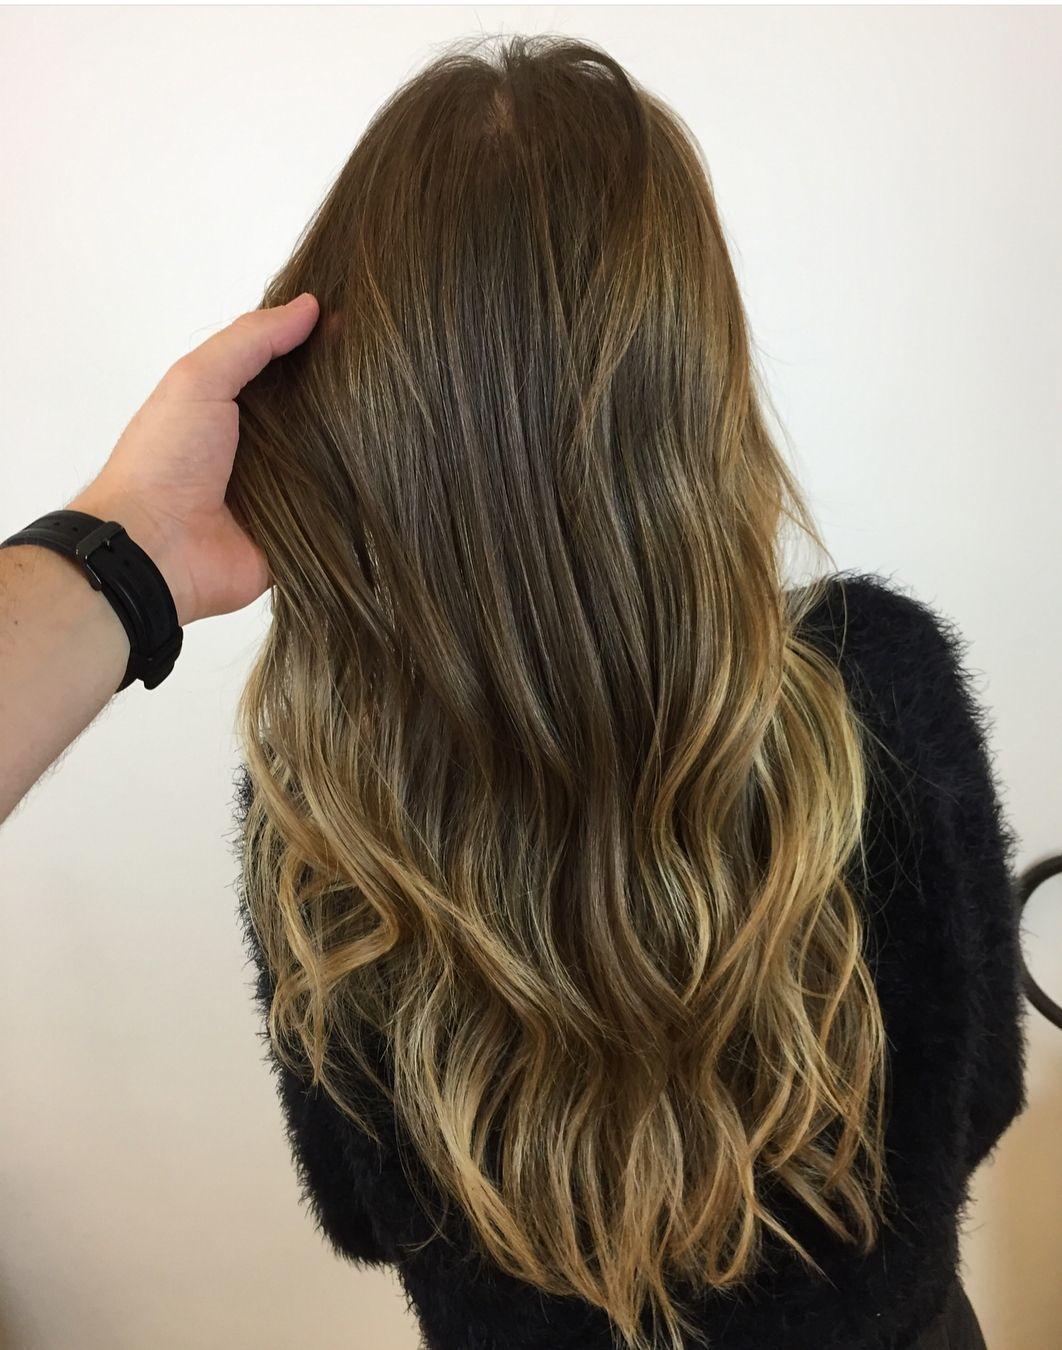 cabelo cabeleireiro(a) cabeleireiro(a) auxiliar cabeleireiro(a) auxiliar cabeleireiro(a)